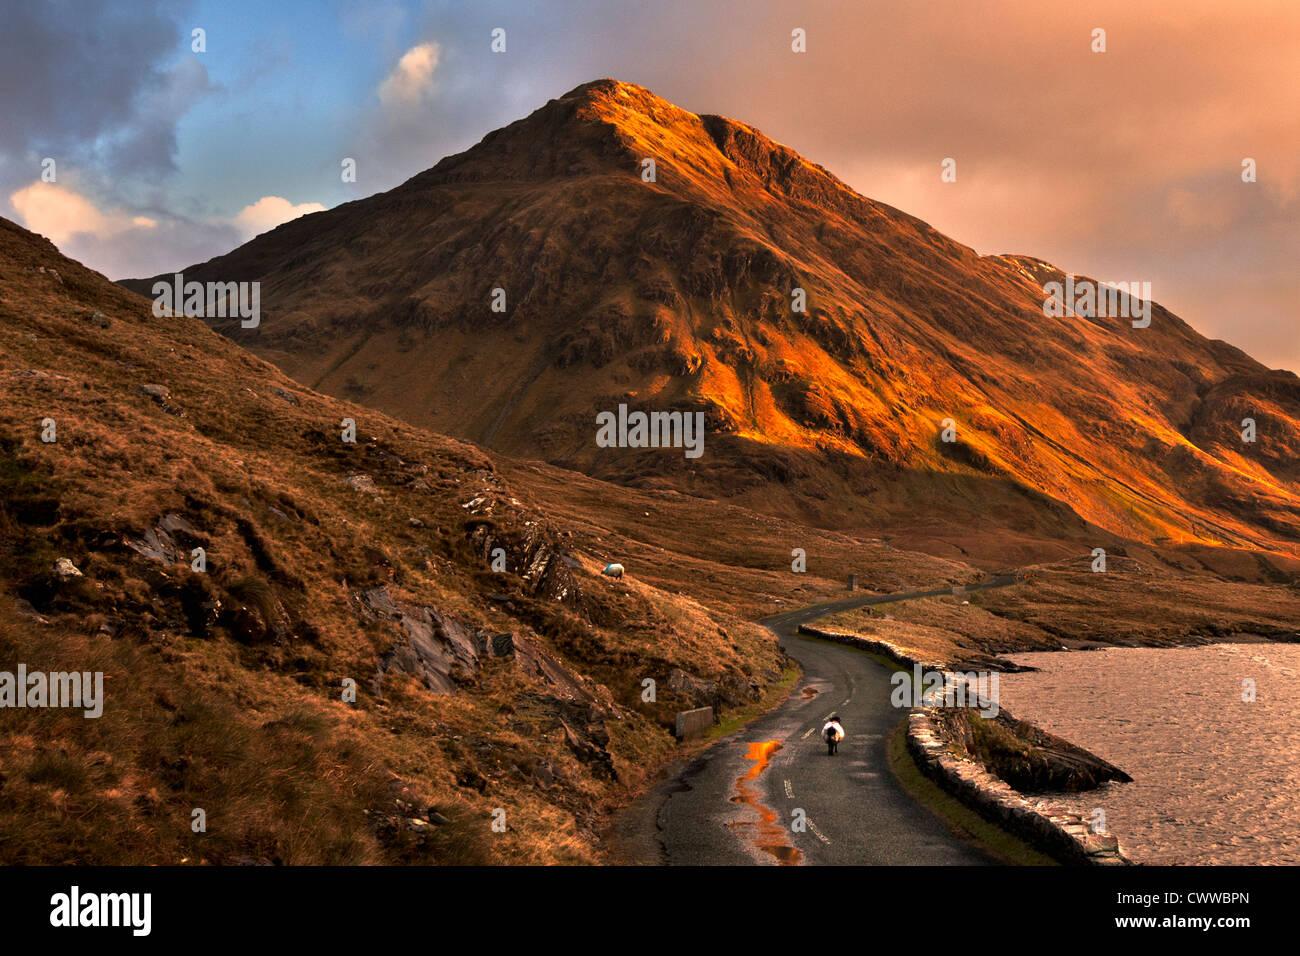 Ovejas caminando por la carretera de montaña rural Imagen De Stock